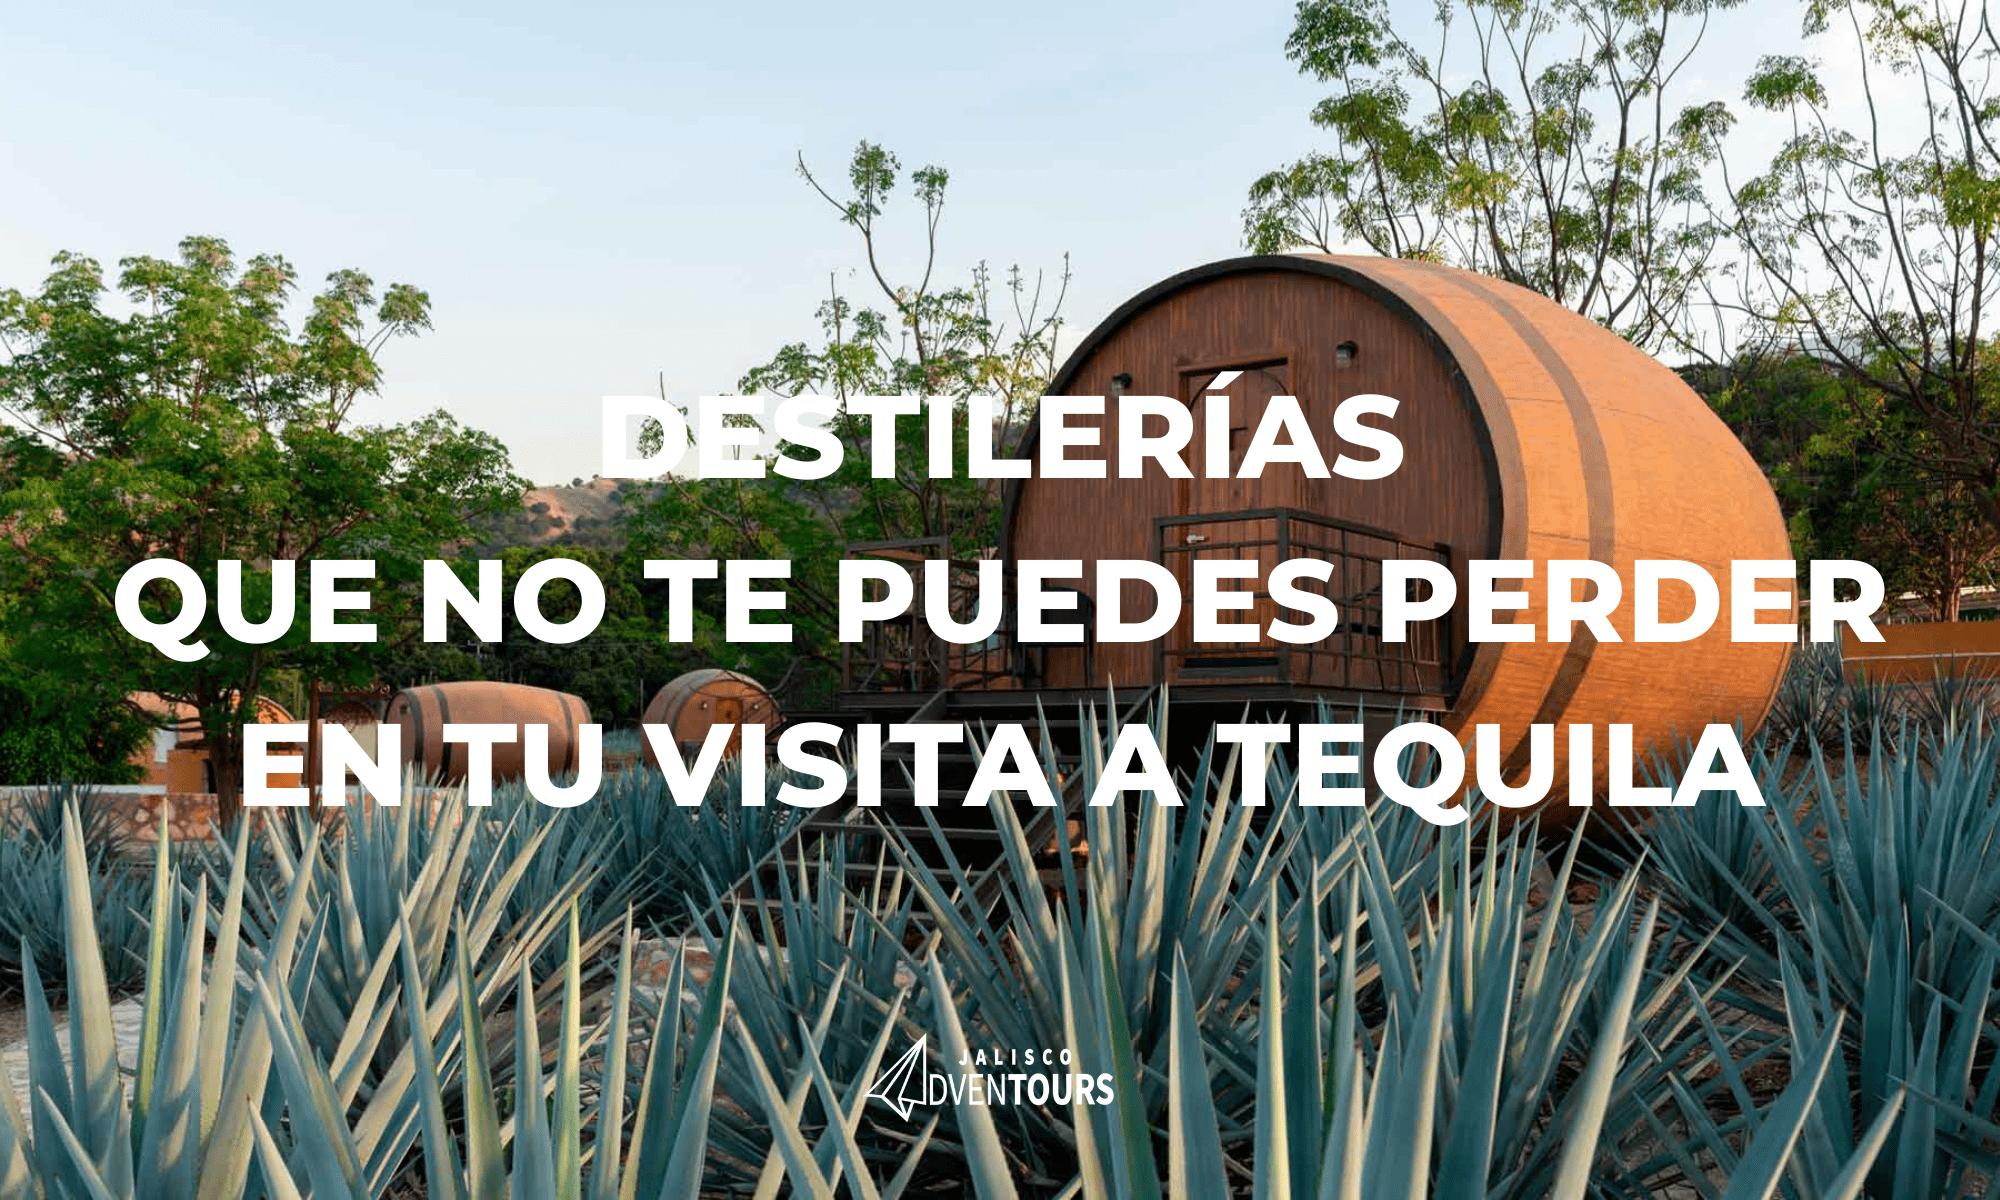 destilerías-tequila-visita-pueblo mágico-agave